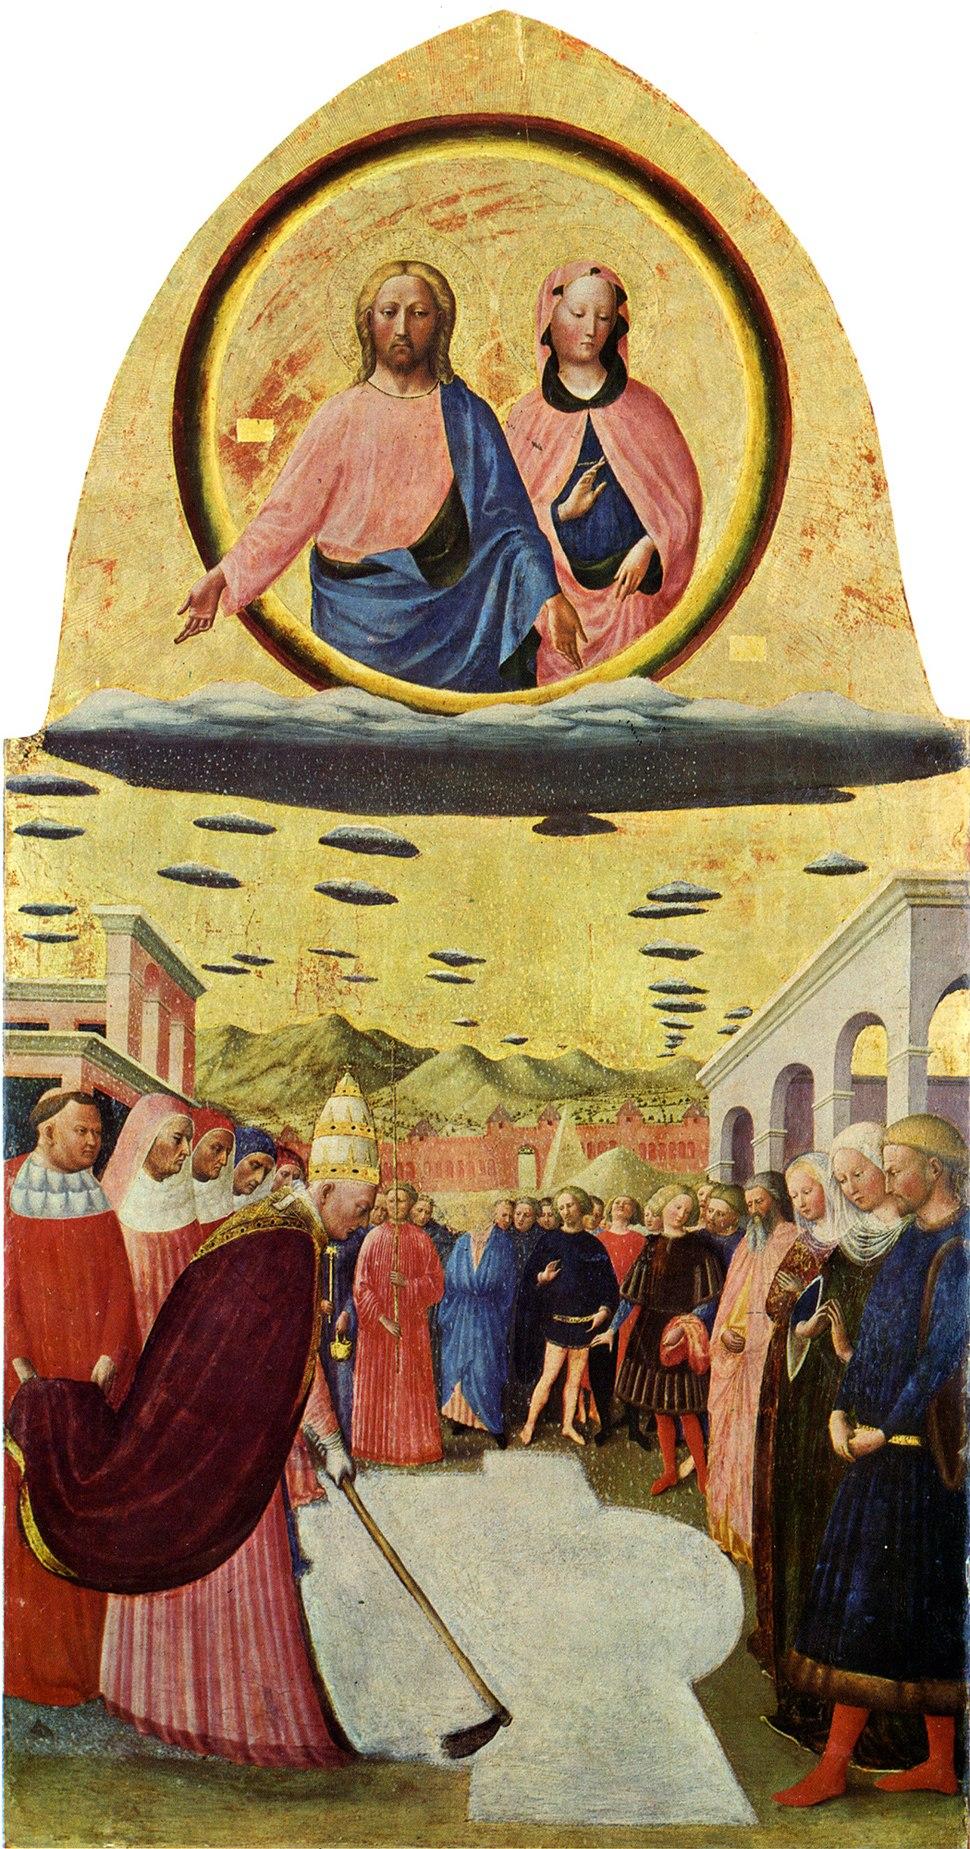 Masolino, fondazione di santa maria maggiore